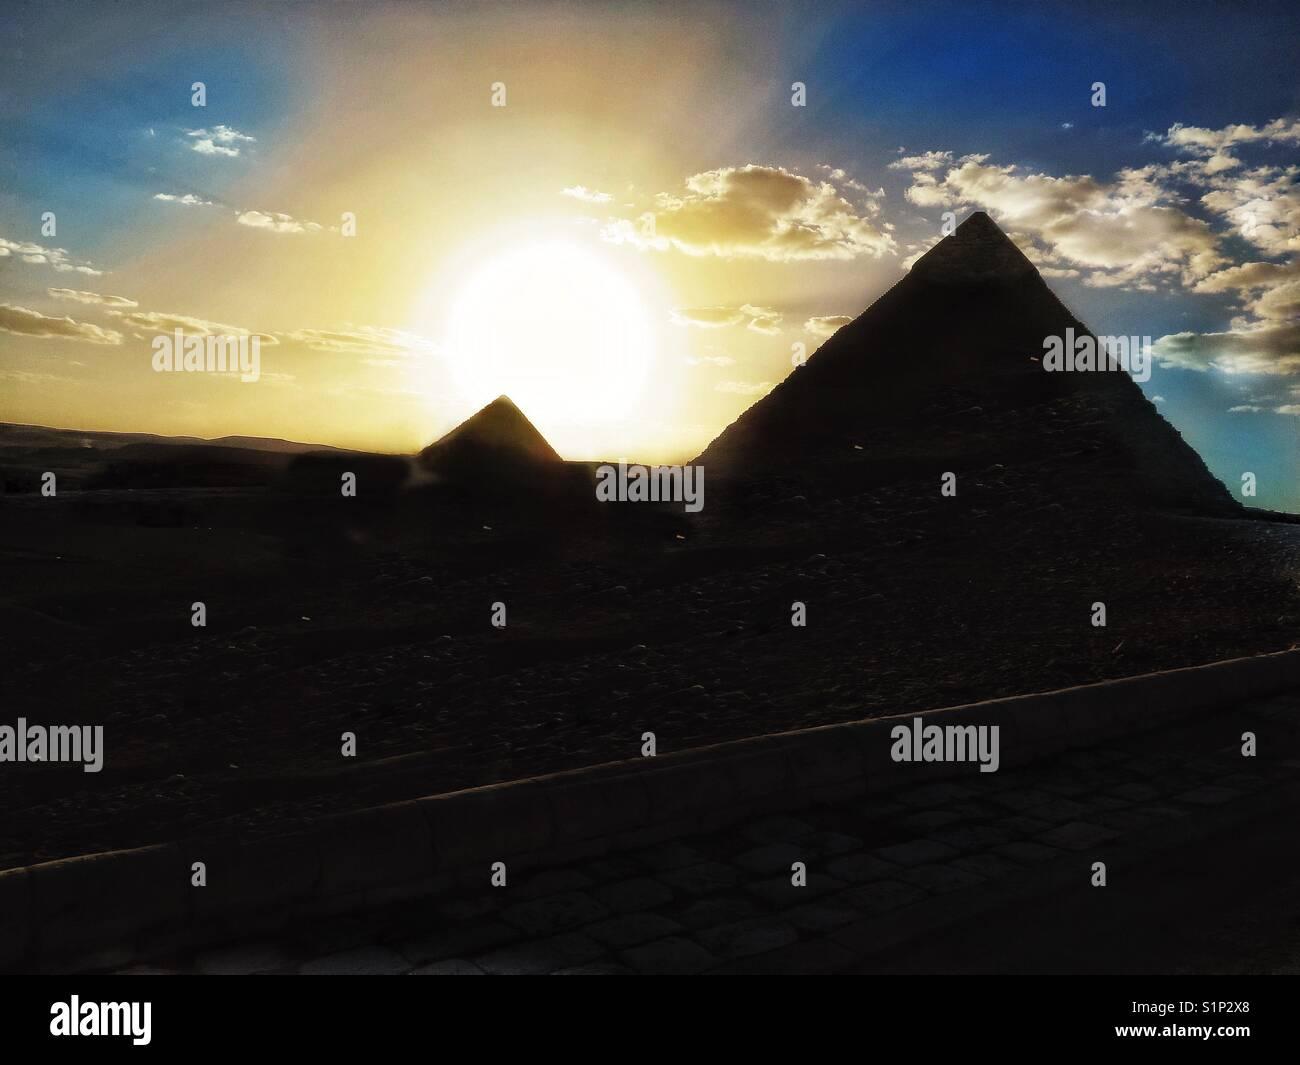 Pirámides en El Cairo, Egipto Imagen De Stock